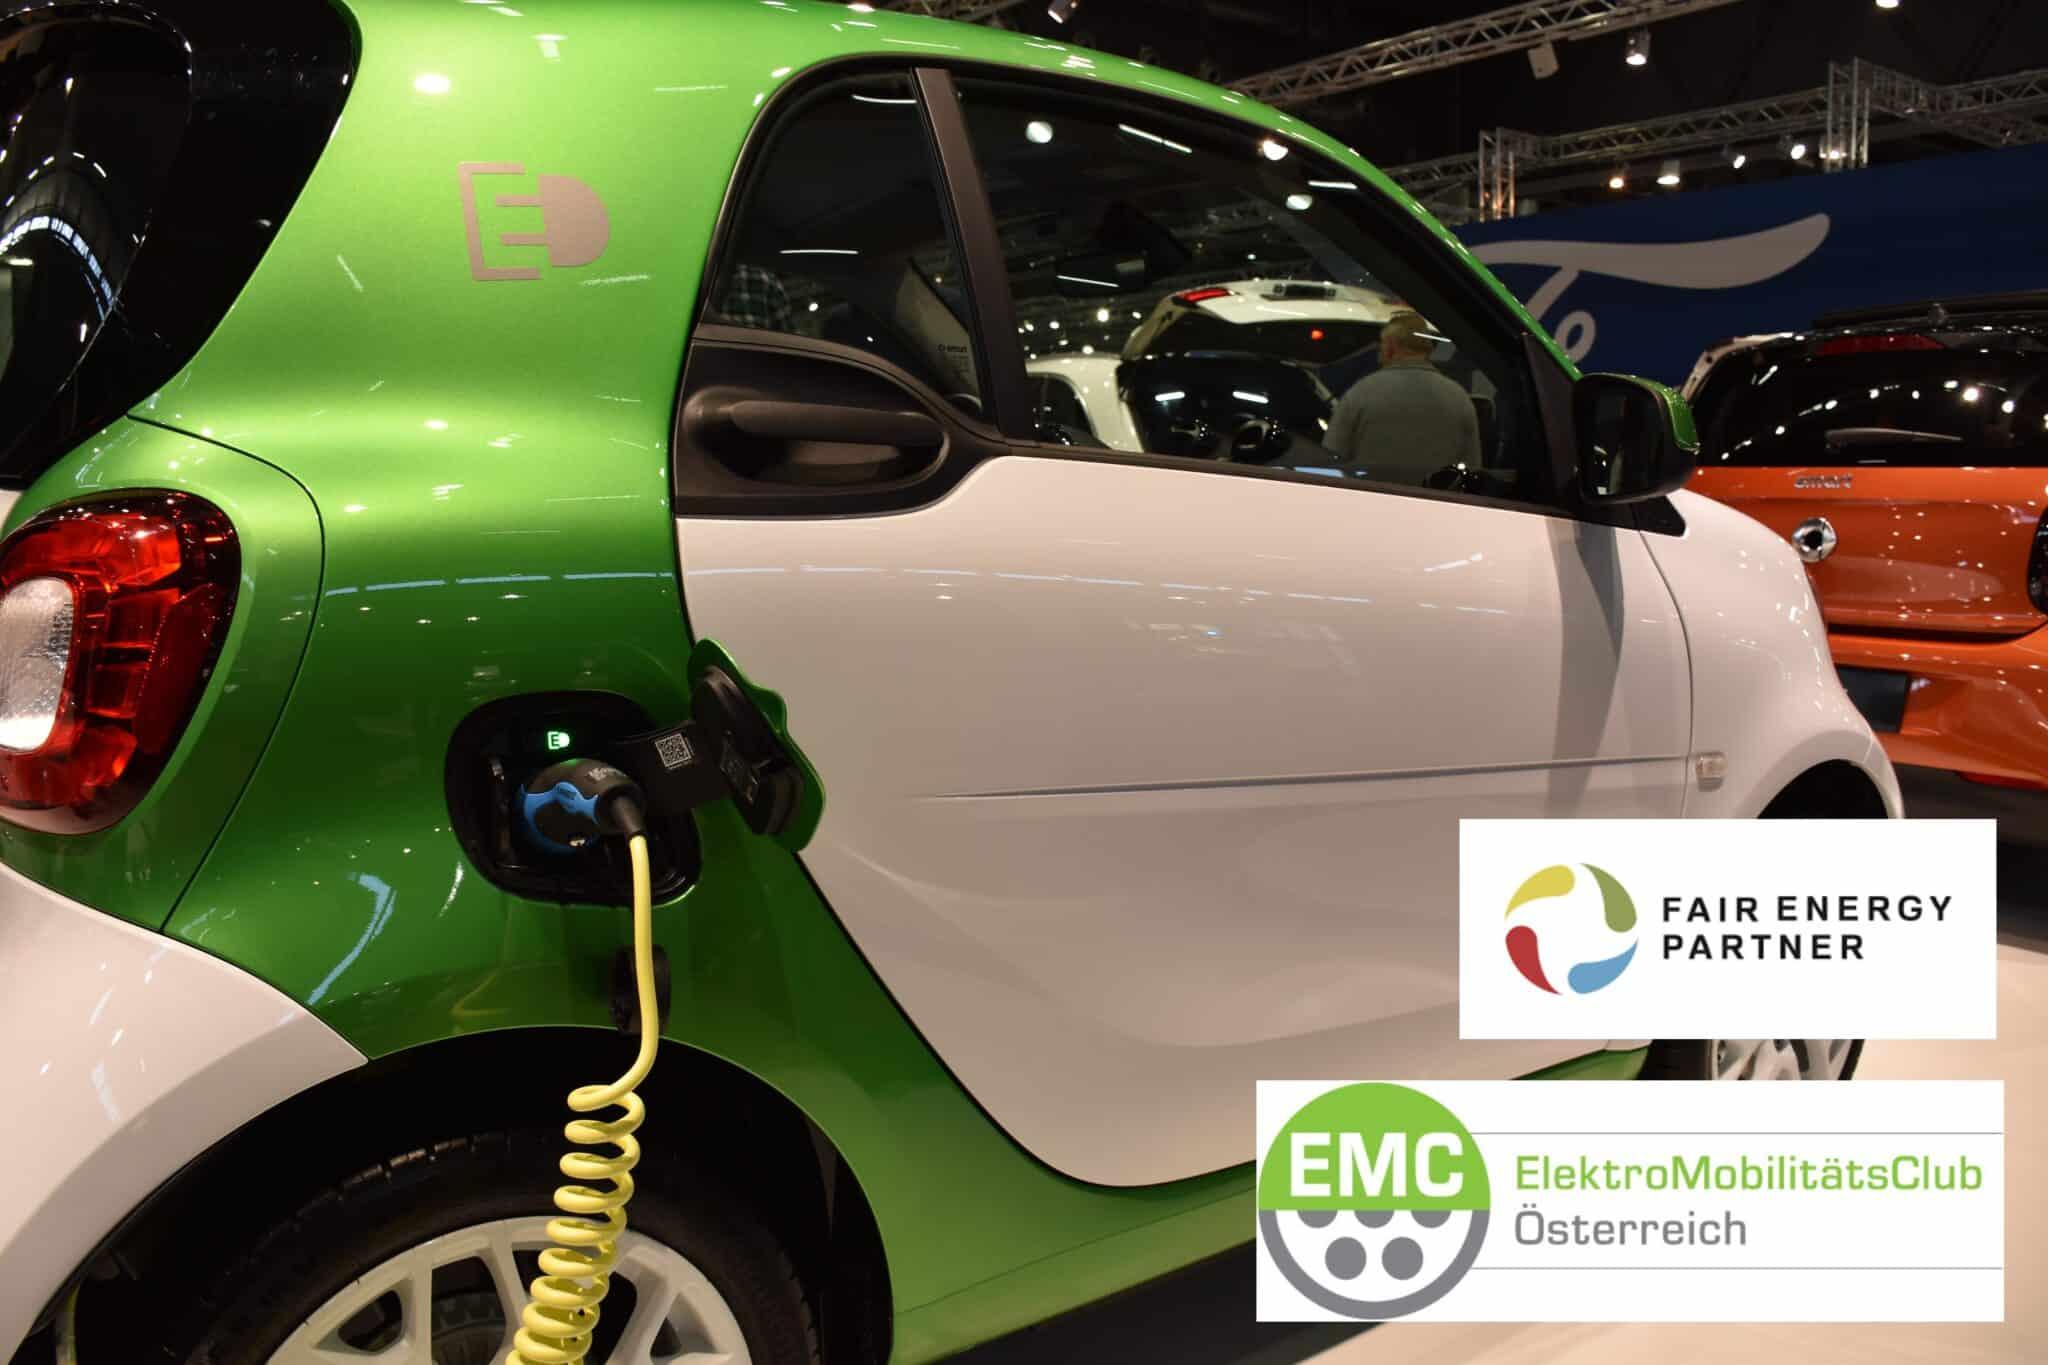 Webinare - Ladeinfrastruktur für Elektromobilität, Chancen und Herausforderungen für Installateure   DSC 0634 1 scaled